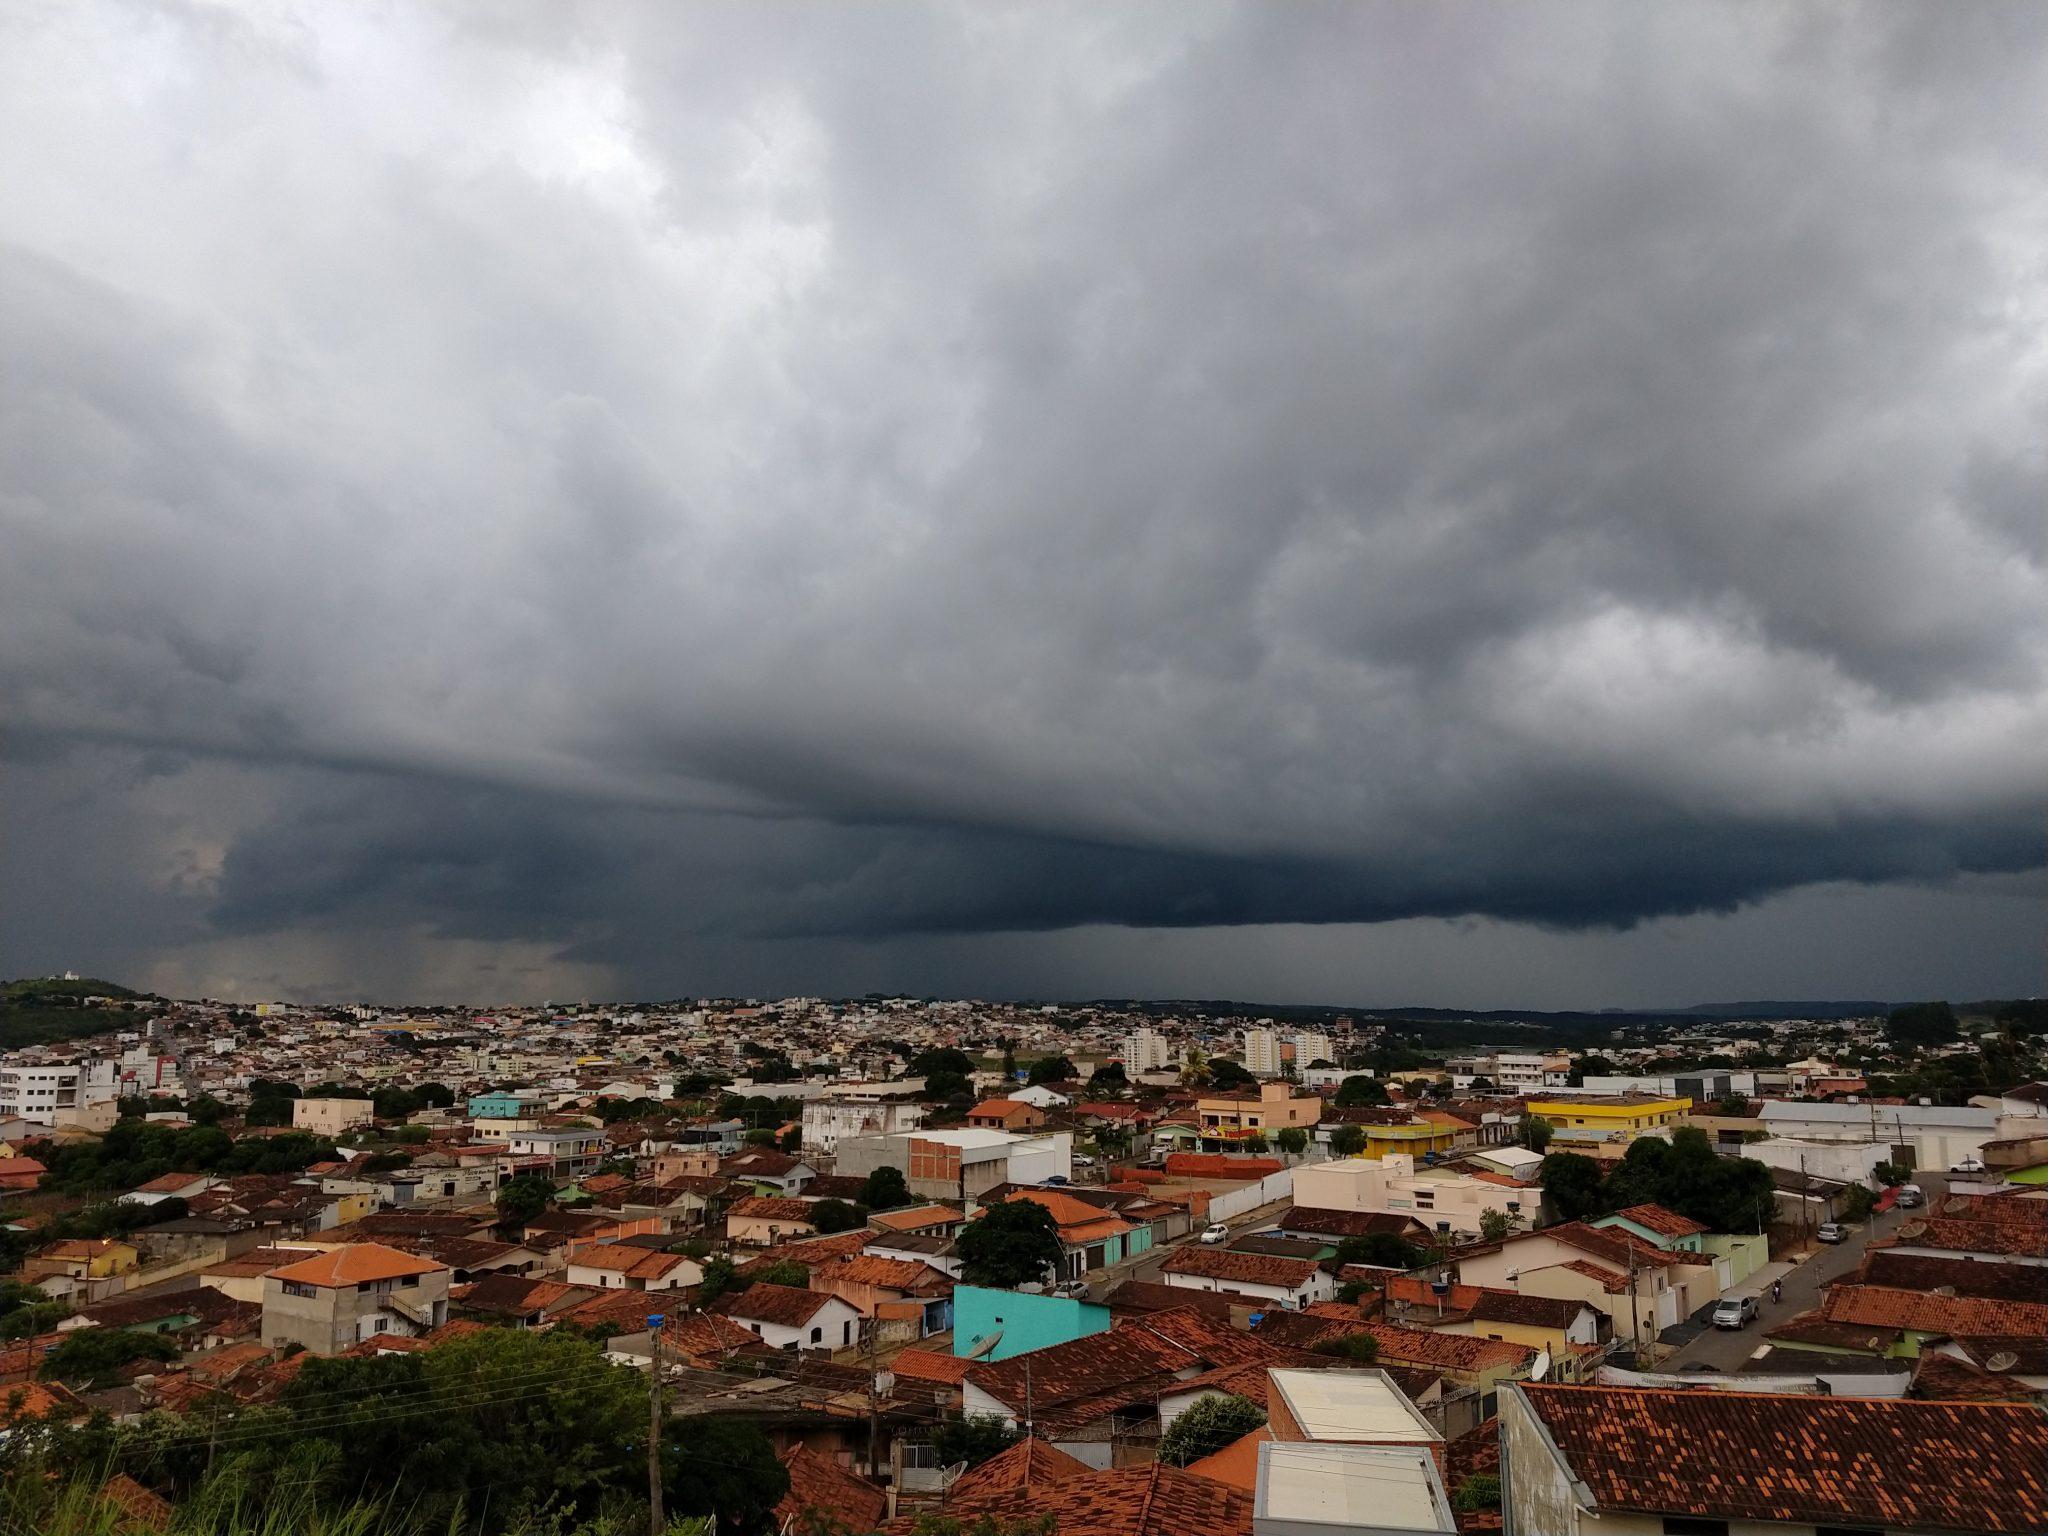 PREVISÃO É DE CHUVA FORTE PARA CATALÃO E REGIÃO NESSE FINAL DE SEMANA; DADOS SÃO DO LABORATÓRIO DE CLIMATOLOGIA DA UFCAT